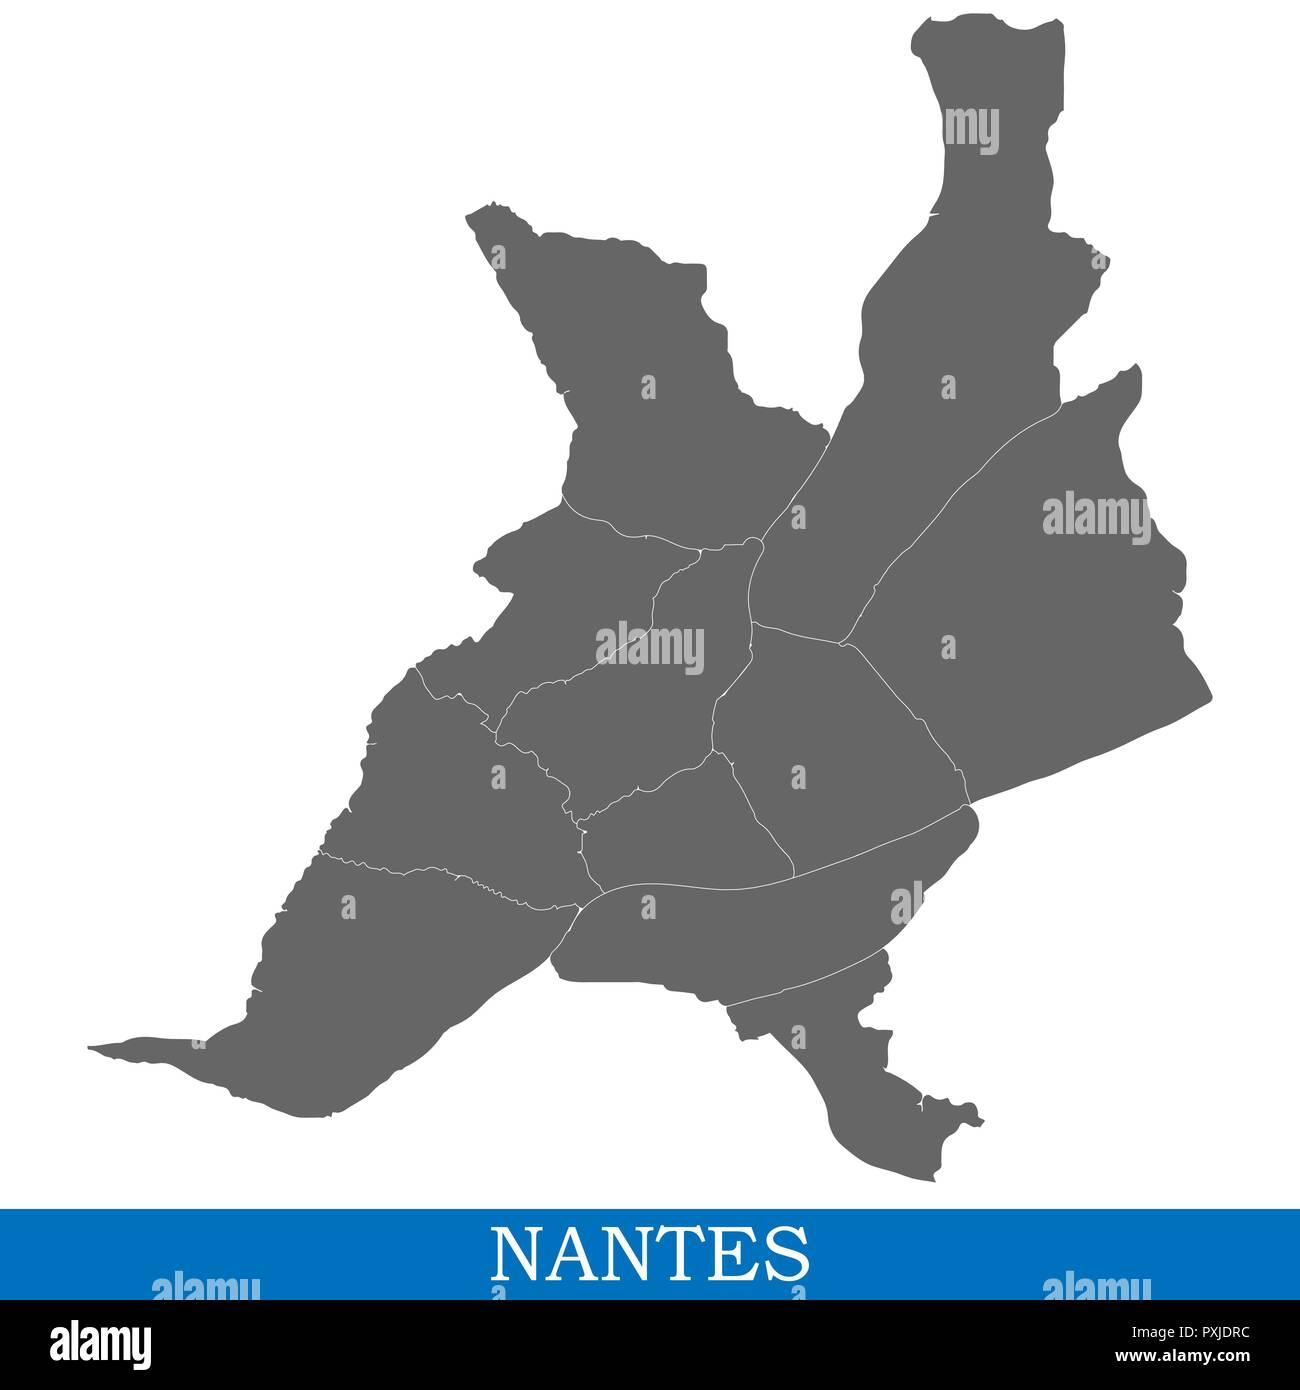 Nantes Karte.Hohe Qualität Karte Von Nantes Ist Eine Stadt In Frankreich Die